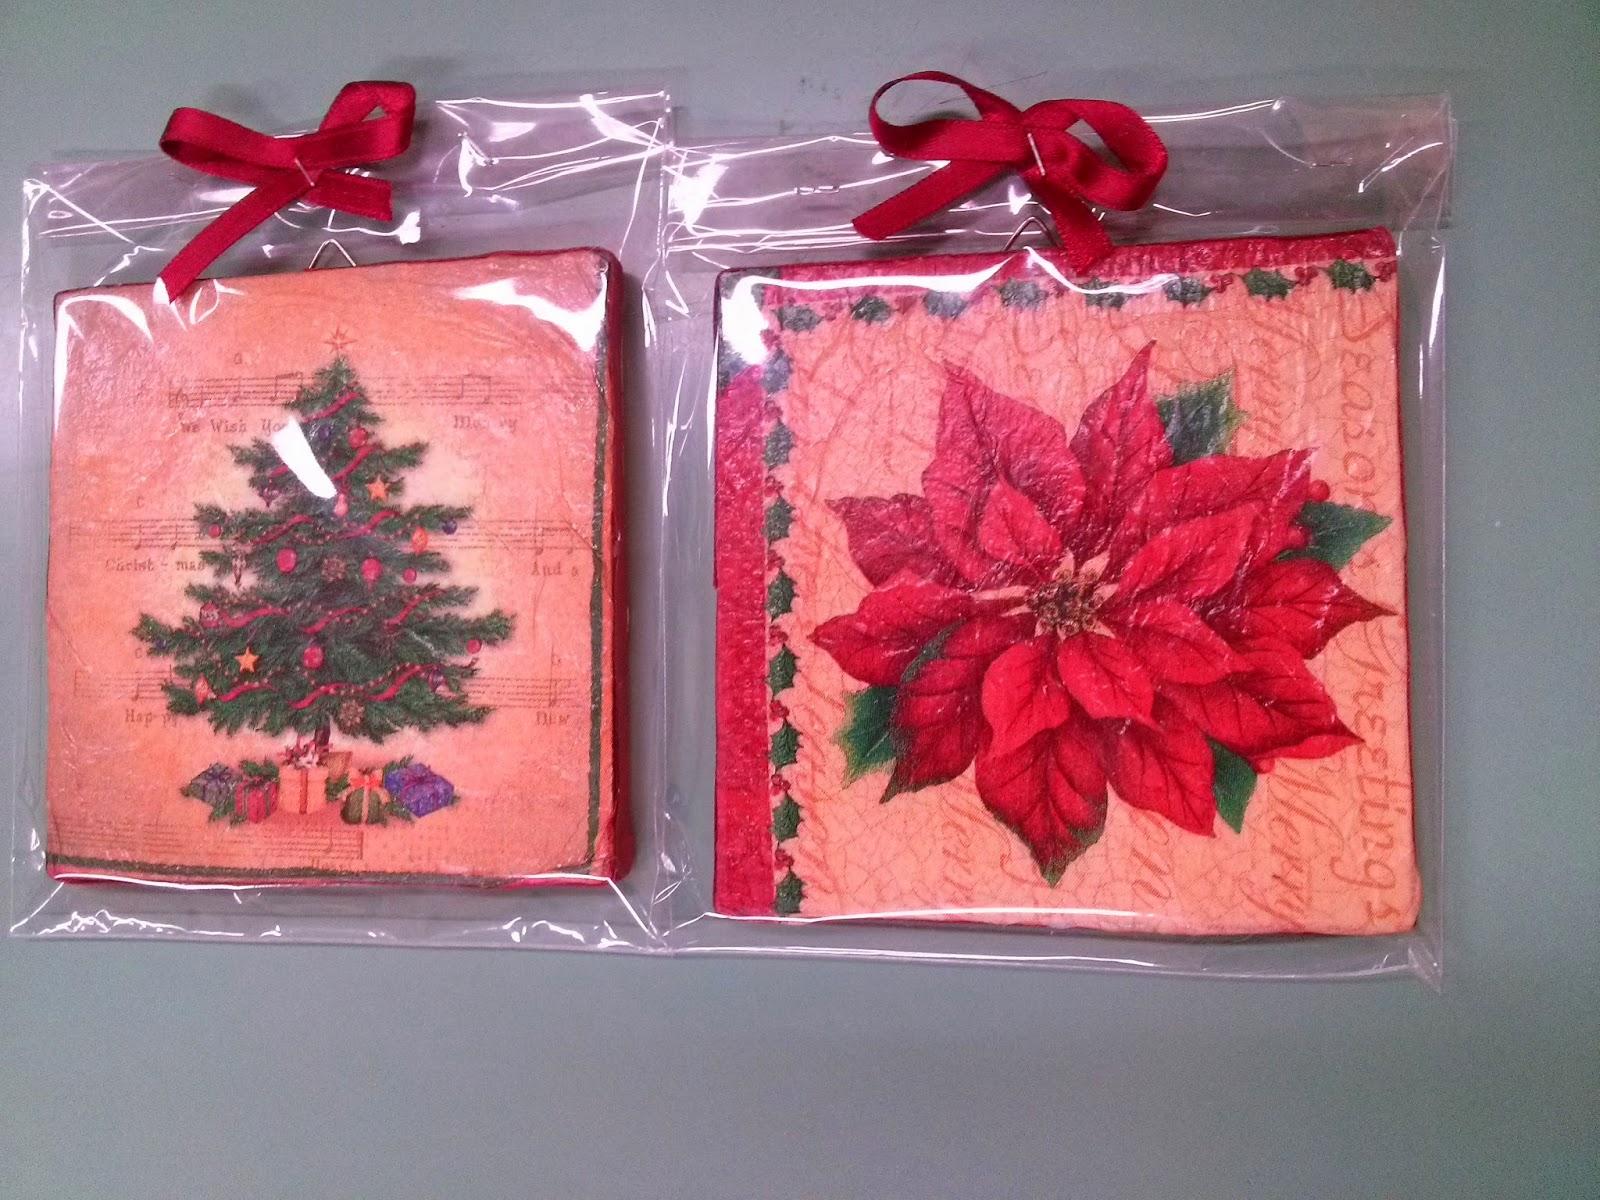 Lavoretti Di Natale Scuola Primaria Decoupage.Lamiaula Quadretti Di Legno Decoupage Natale 2014